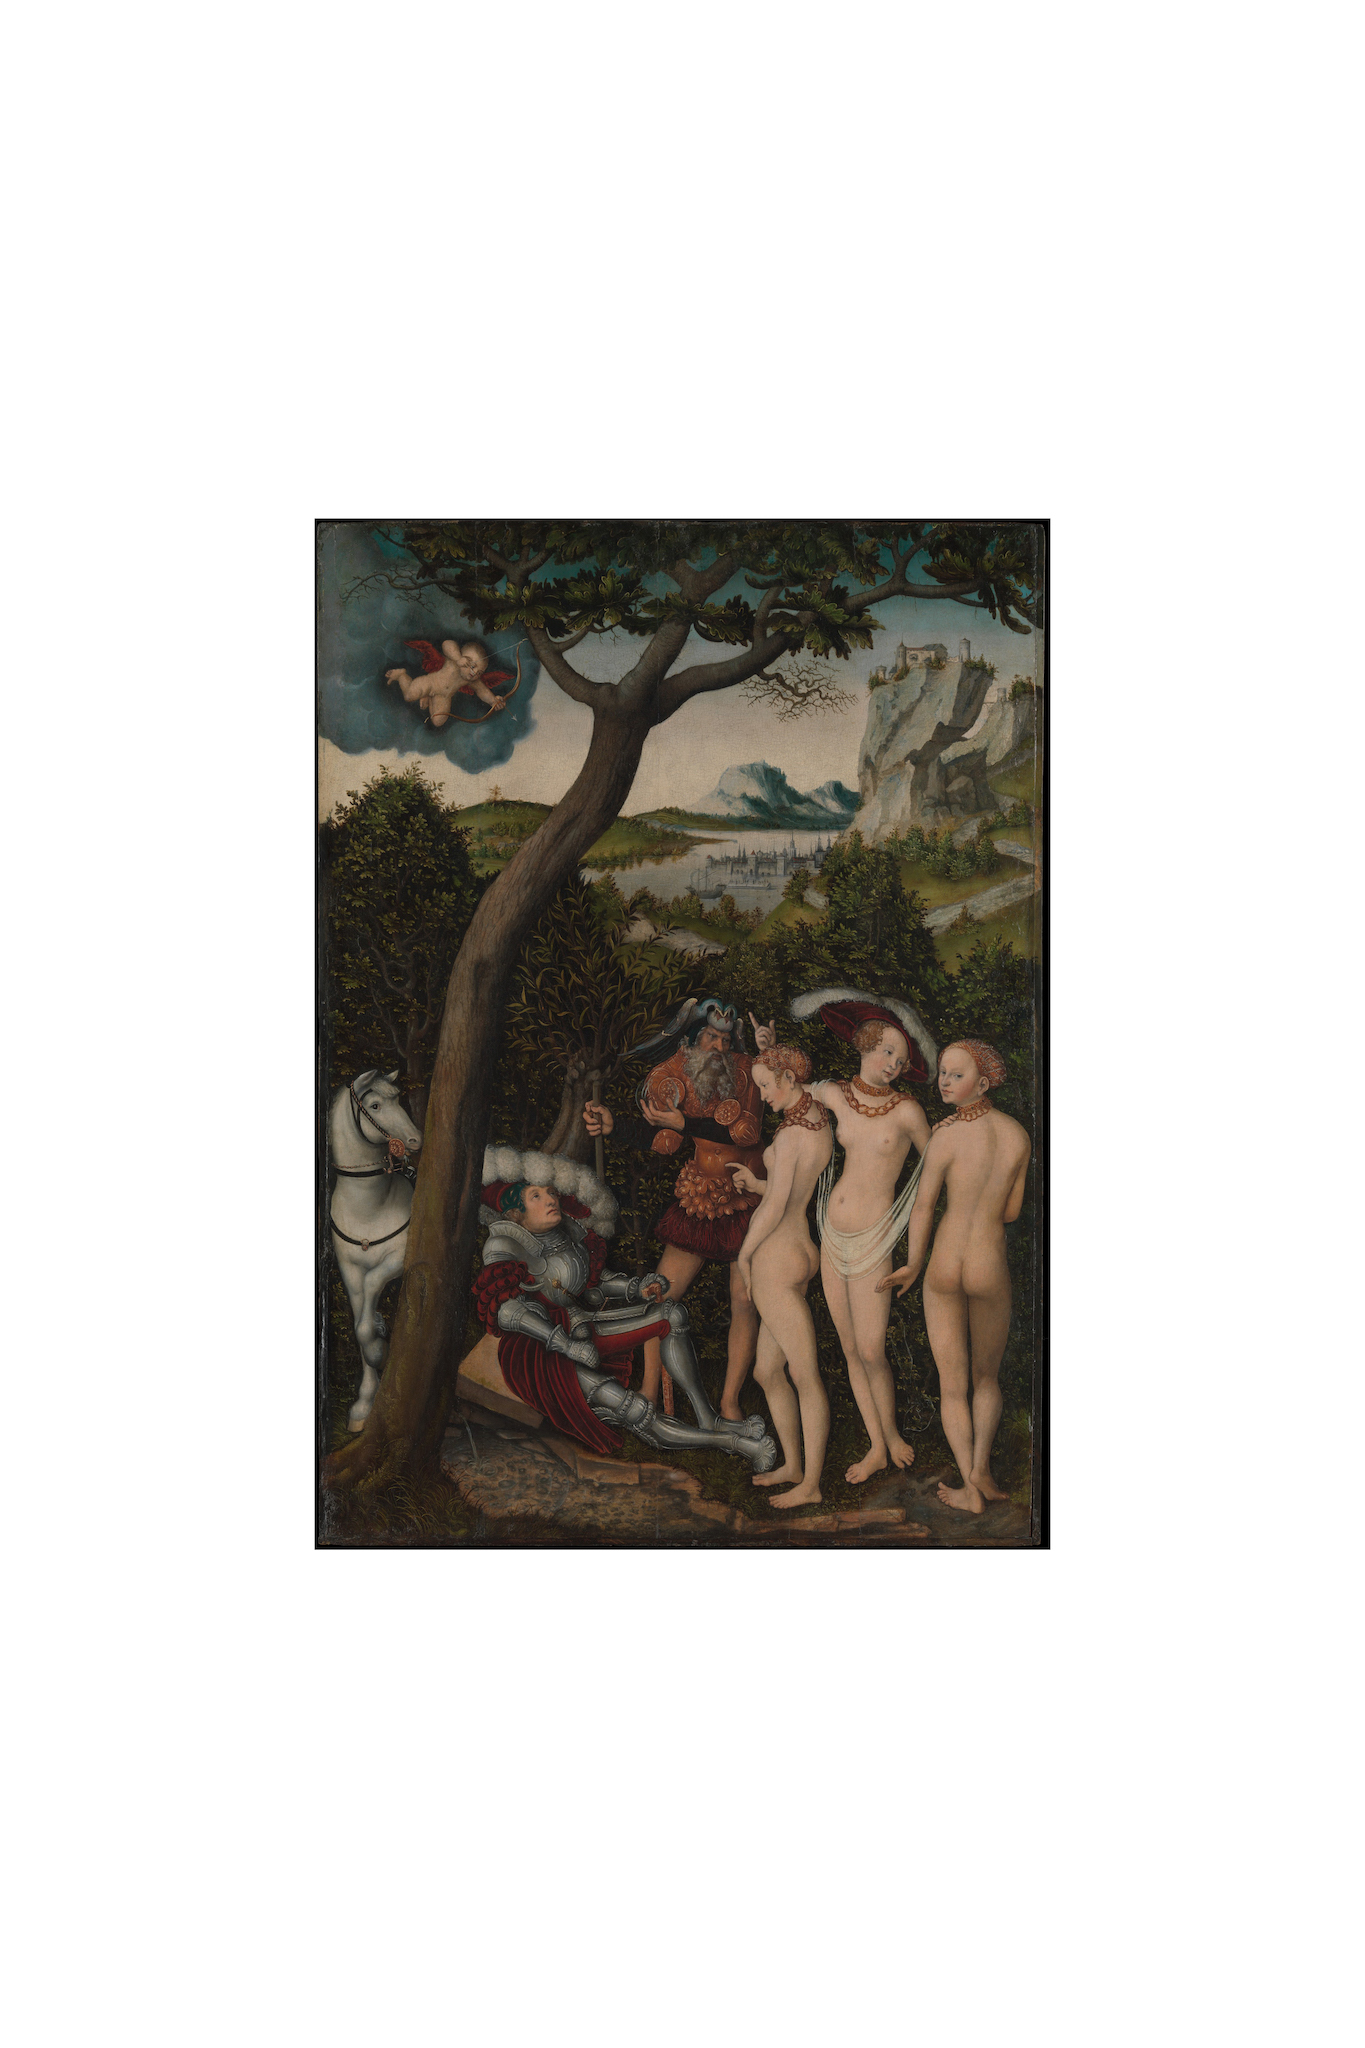 Lucas Cranach the Elder, The Judgment of Paris, ca. 1528